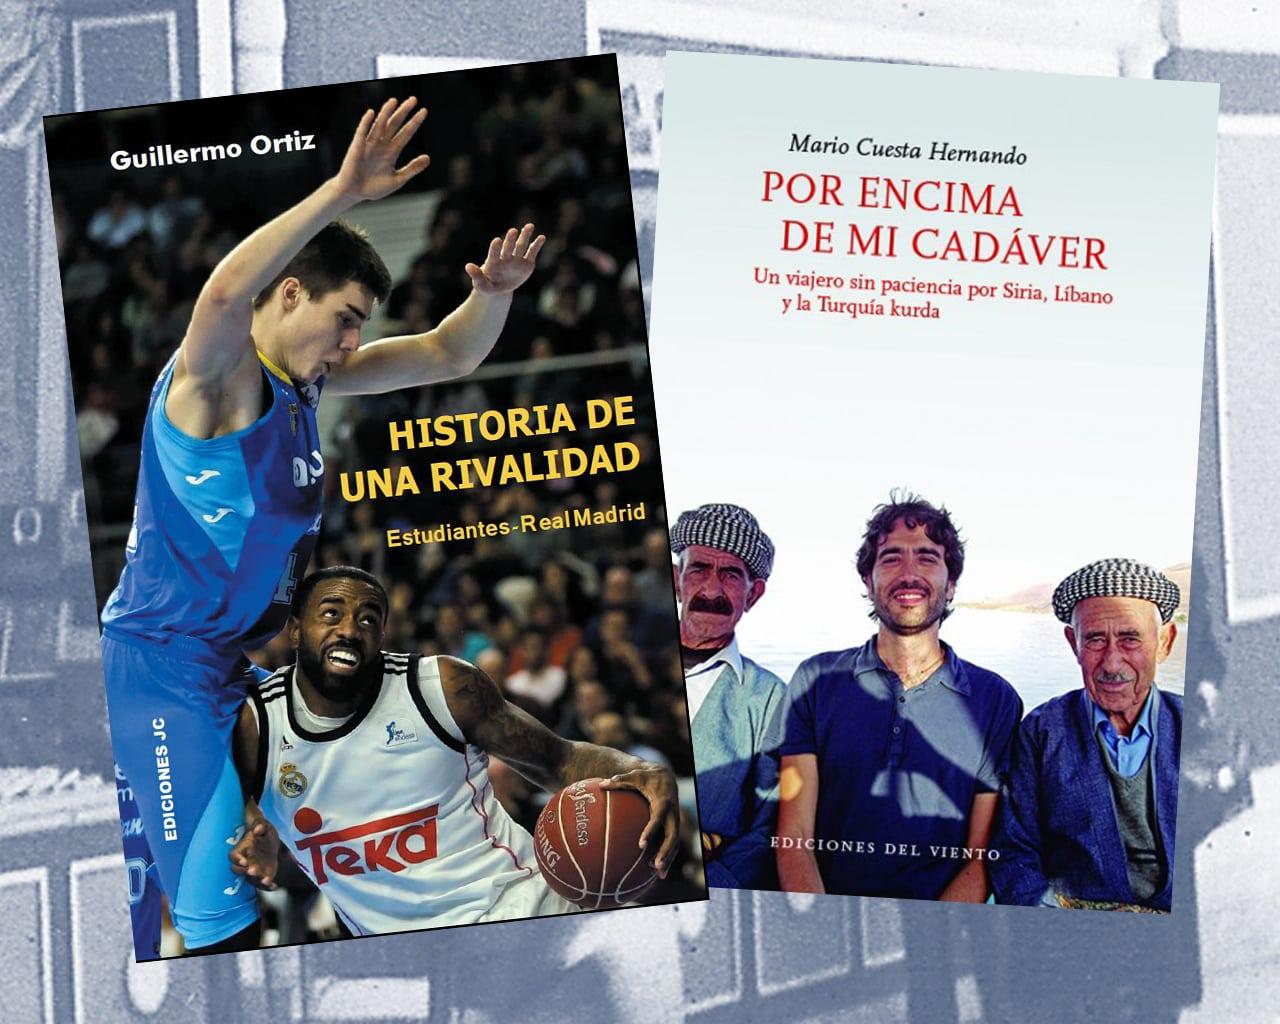 """Letras dementes: Guillermo Ortiz y Mario Cuesta firmarán sus libros """"Historia de una rivalidad"""" y """"Por encima de mi cadaver"""" en la Feria del Libro de Madrid"""